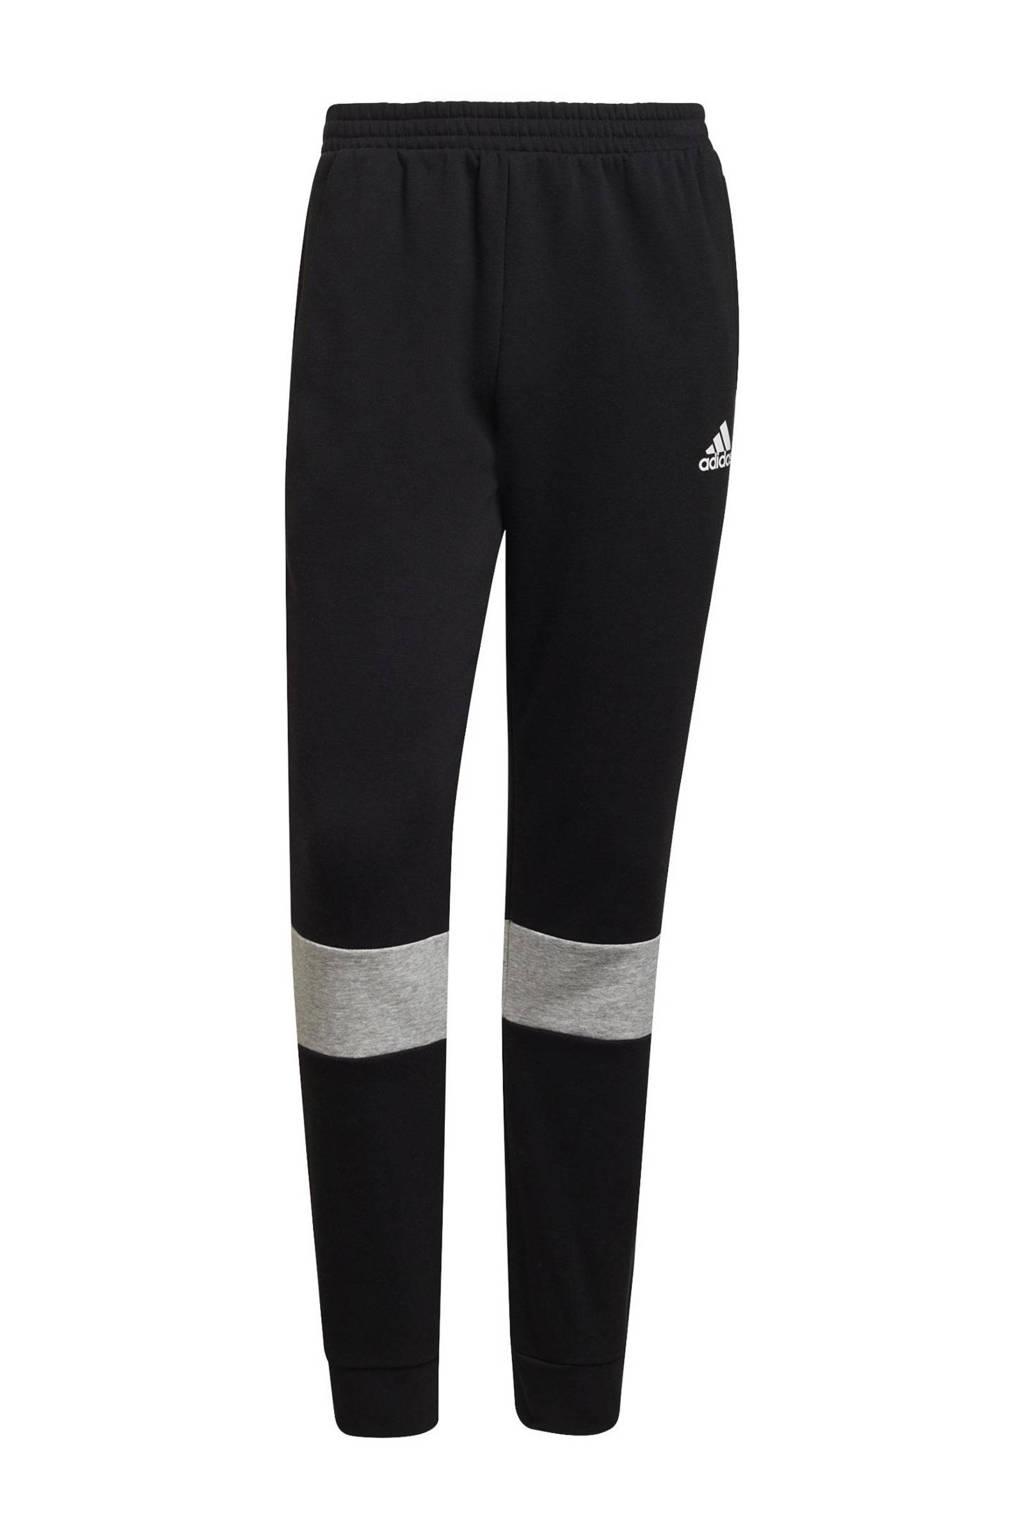 adidas Performance   joggingbroek zwart/wit/grijs, zwart/wit/grijs melange